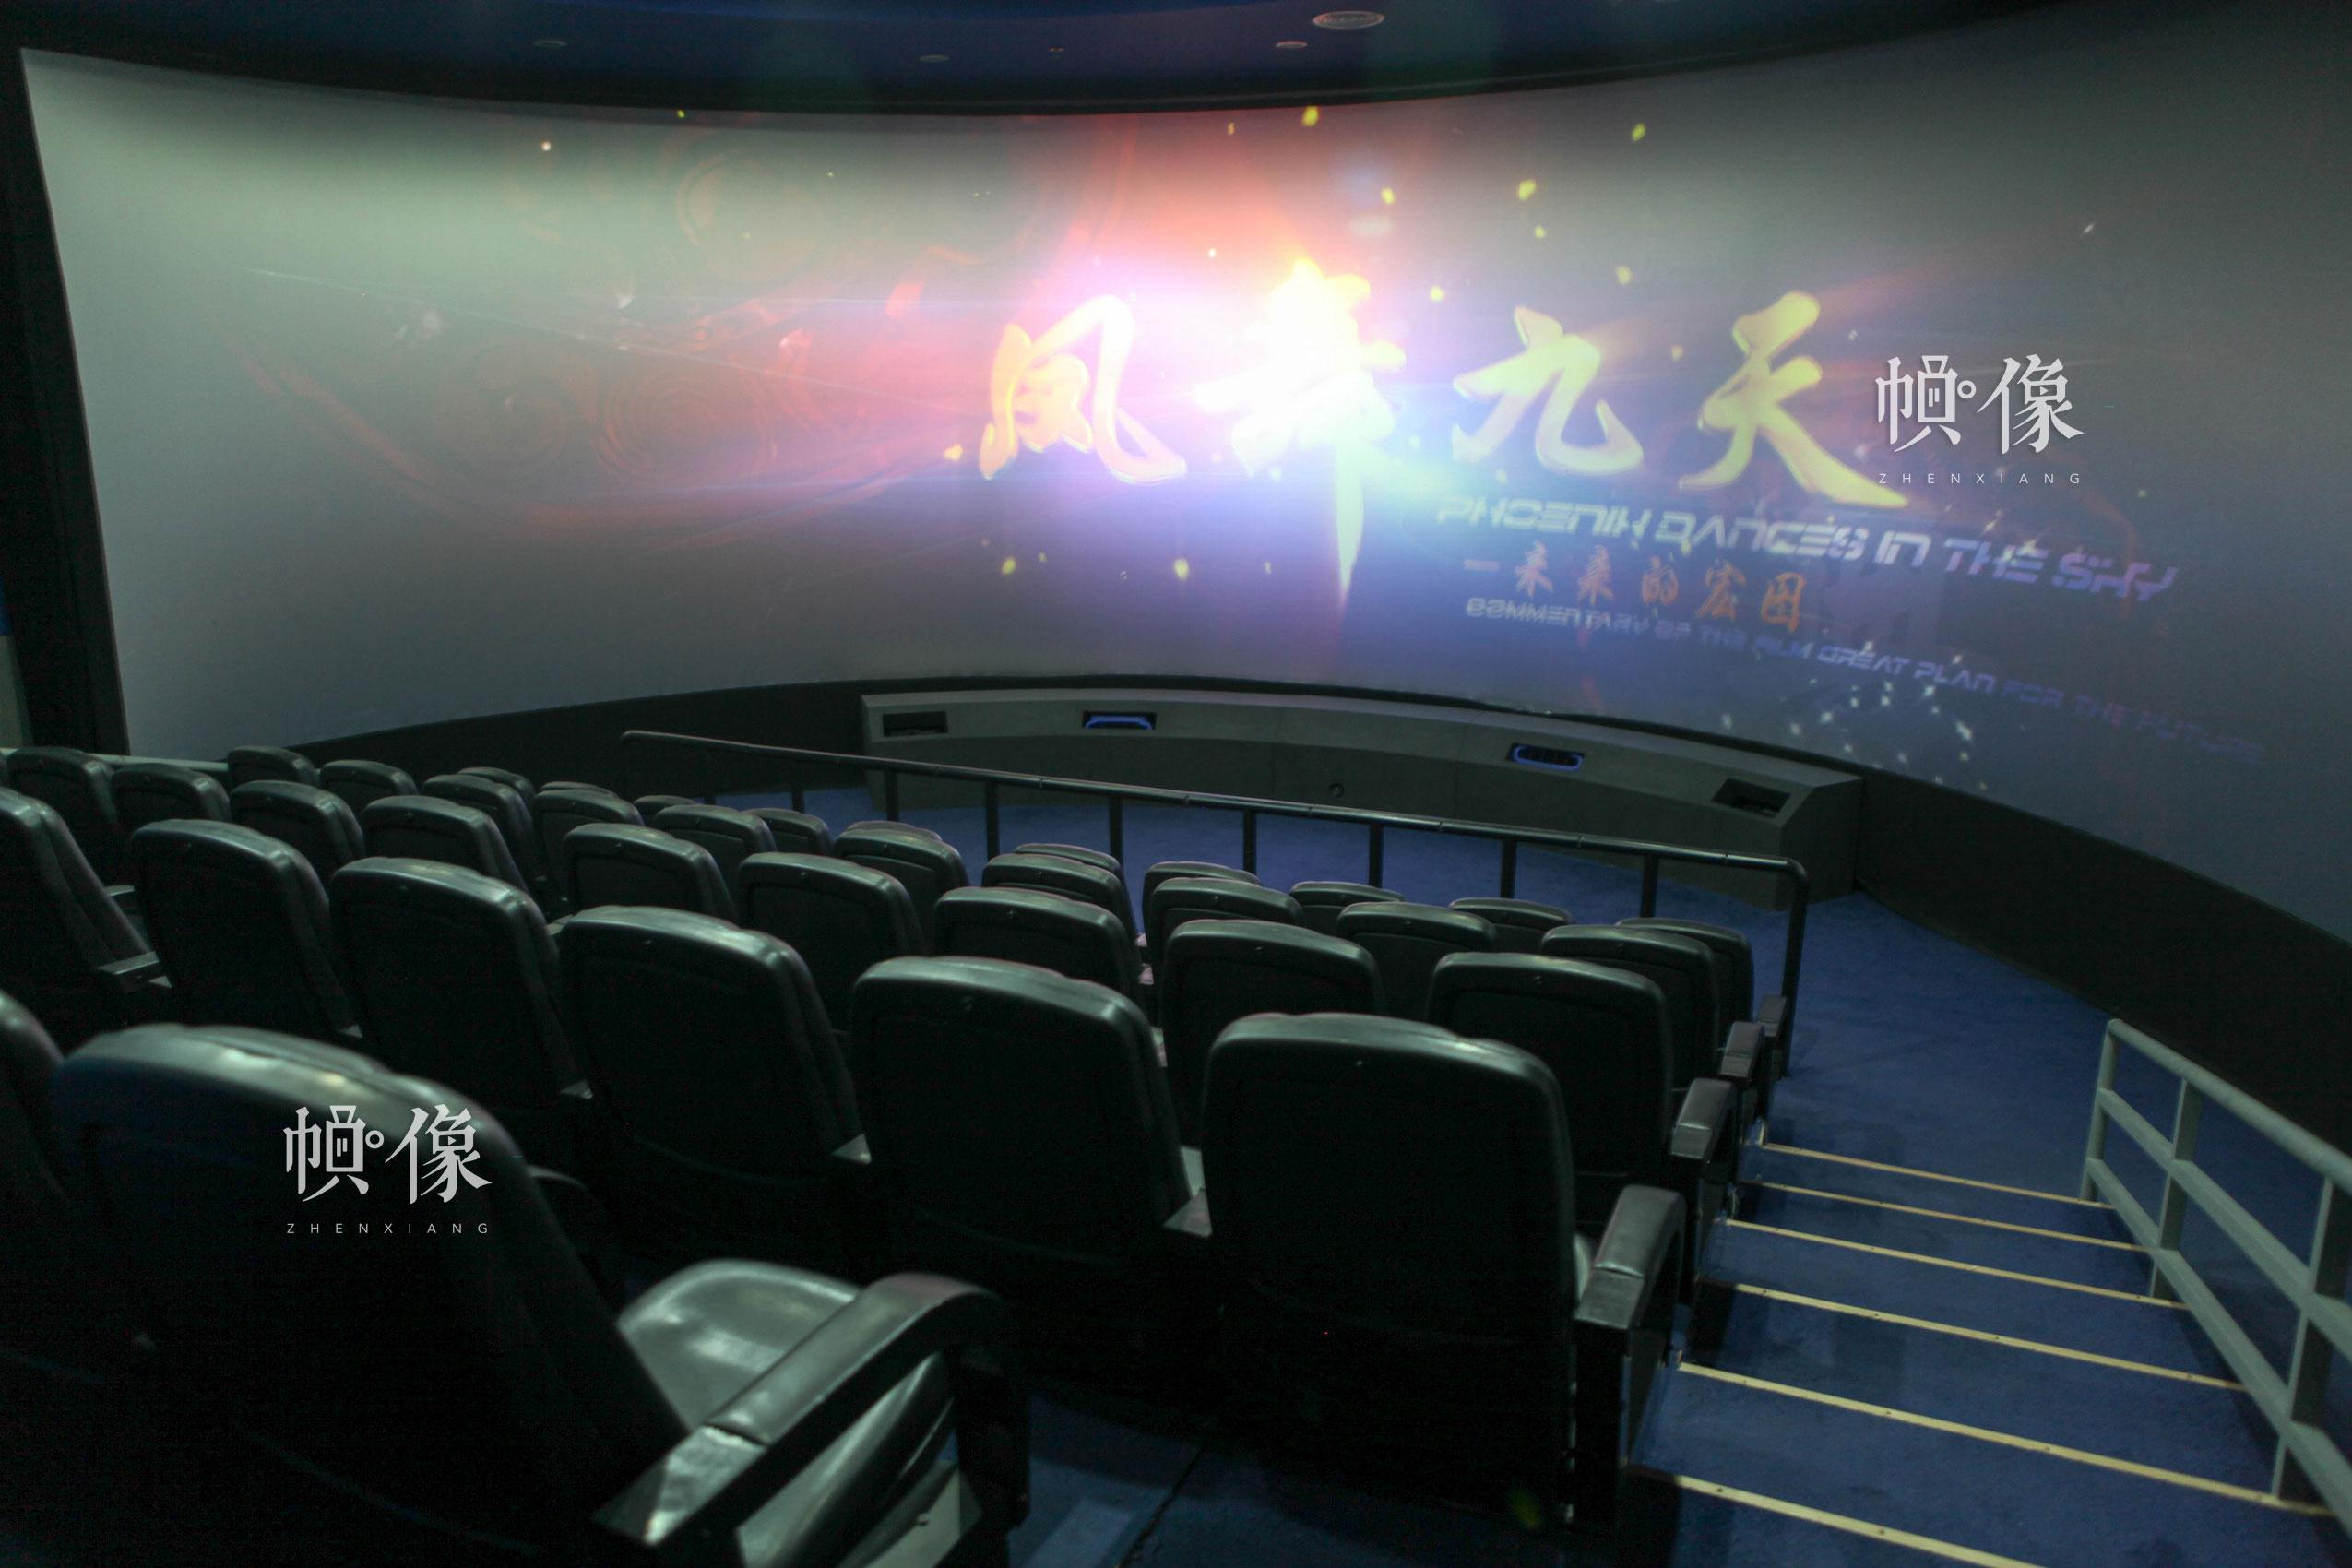 朝阳规划艺术馆4D动感影院,为180度动感环幕放映厅,由立体放映系统和动感座椅系统组成,拥有48位座椅。朝阳规划艺术馆供图